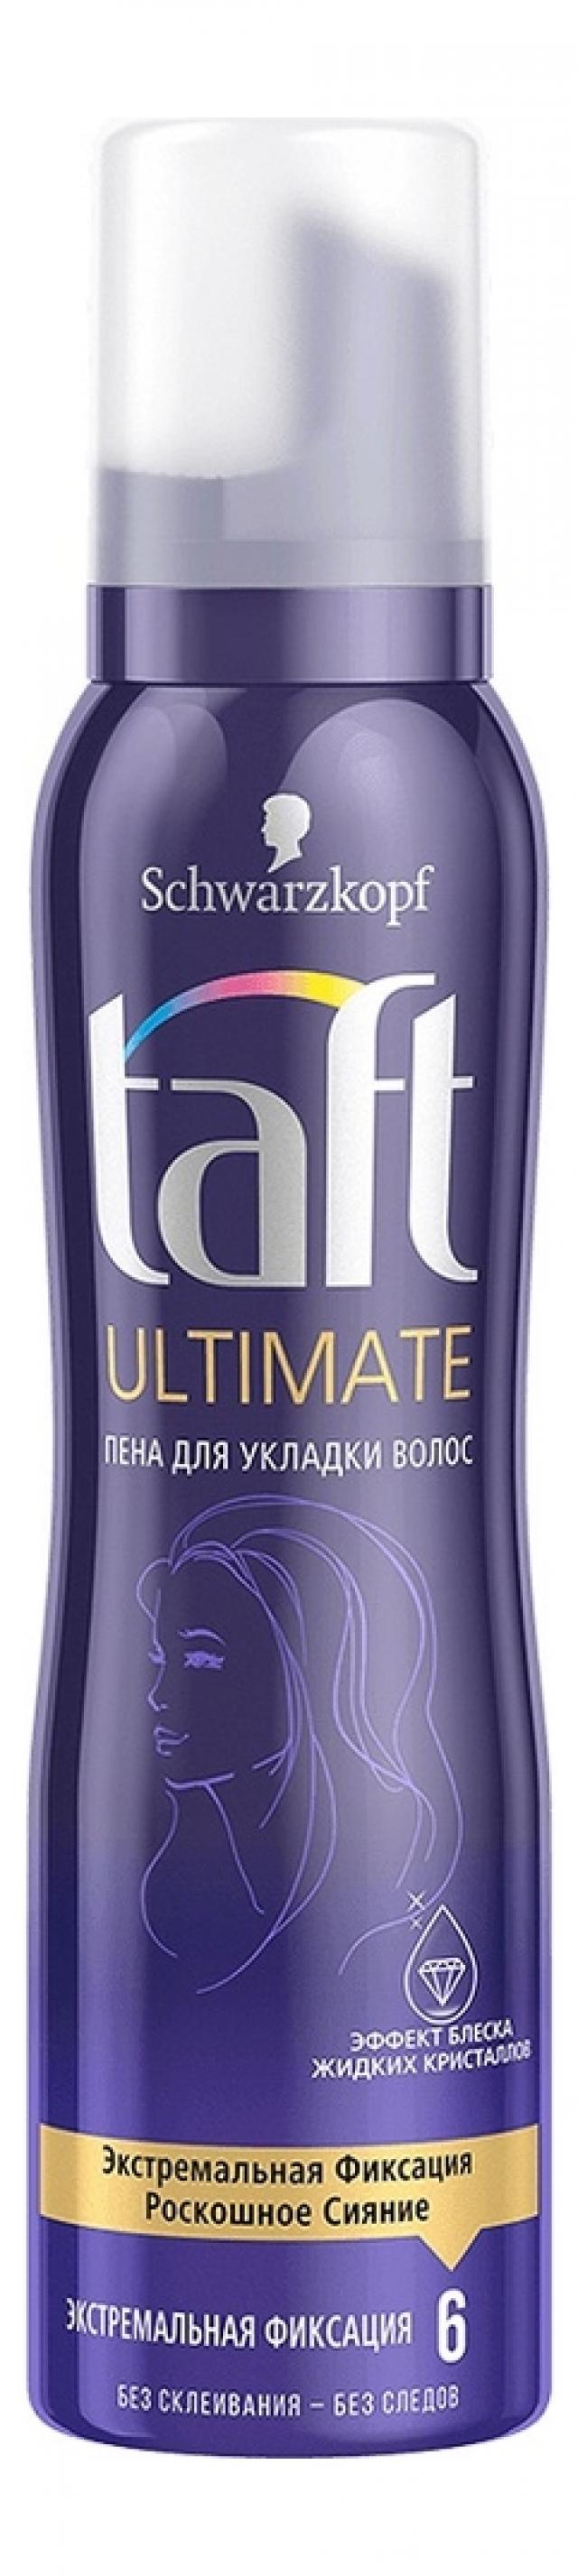 Тафт пена для волос Роскошное Сияние 150мл купить в Москве по цене от 0 рублей